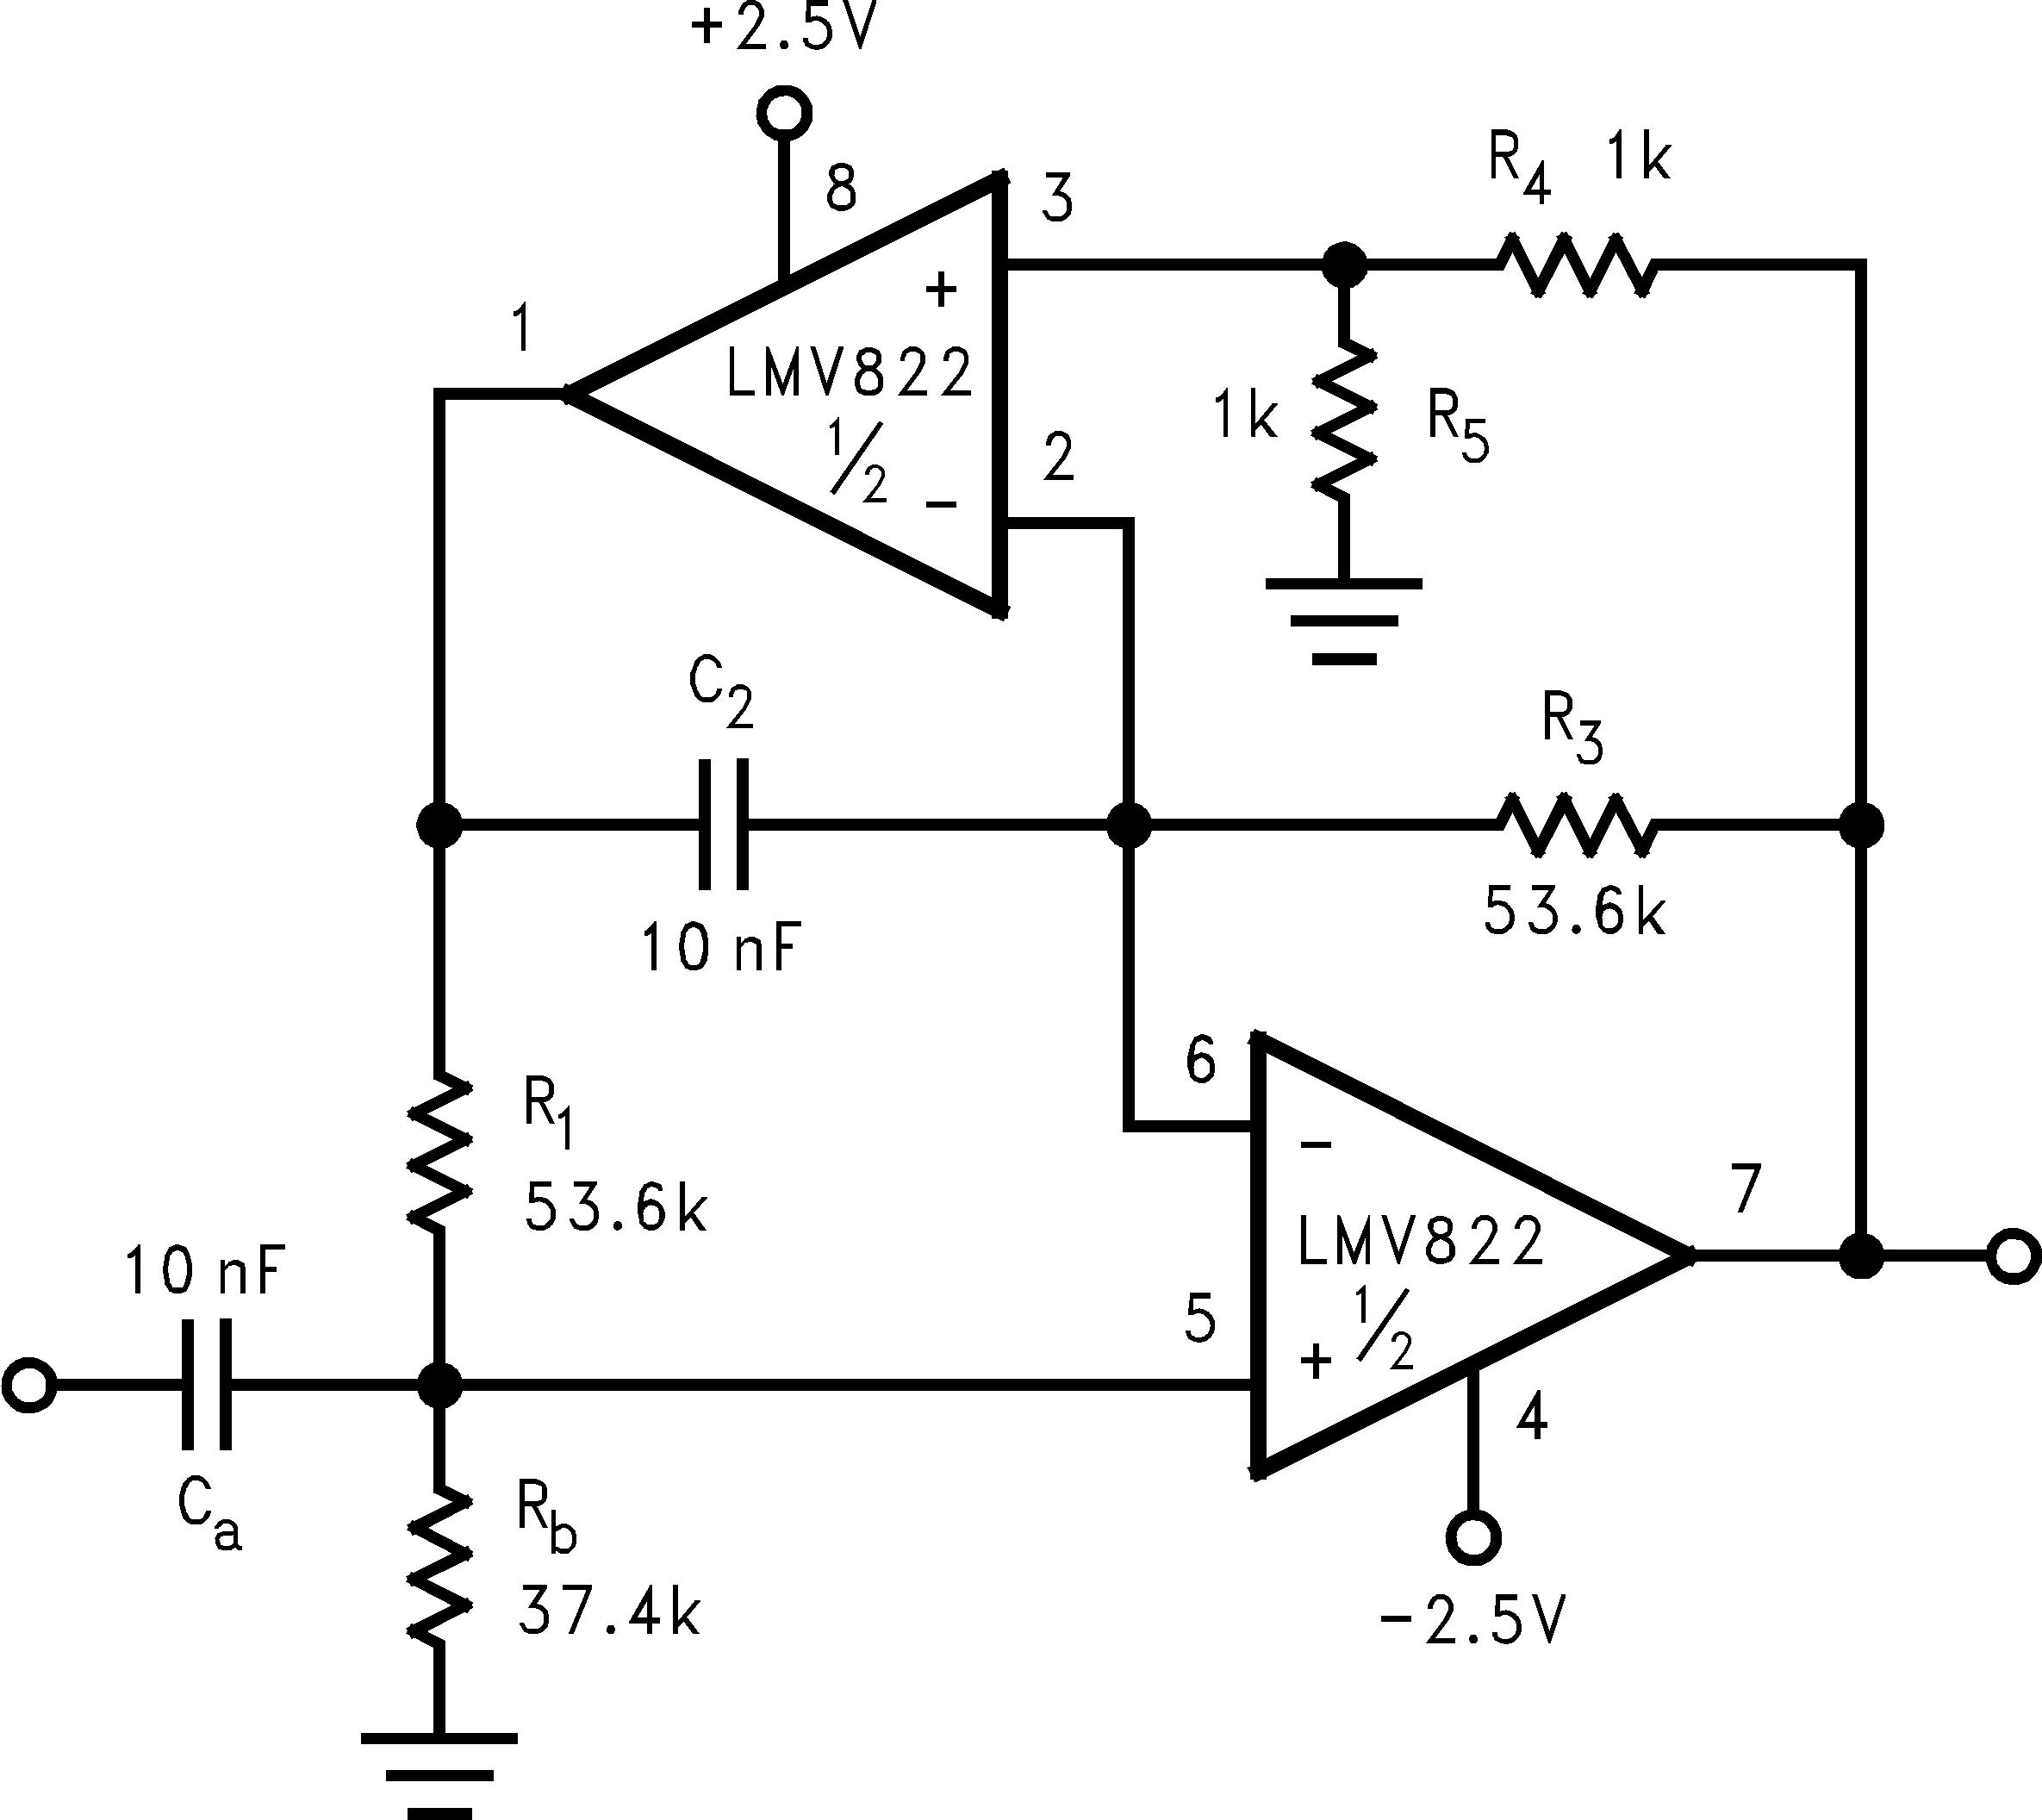 Lmv821 N Active Band Pass Filter Circuit Diagram Dual Amplifier Low Lmv822 Q1 Lmv824